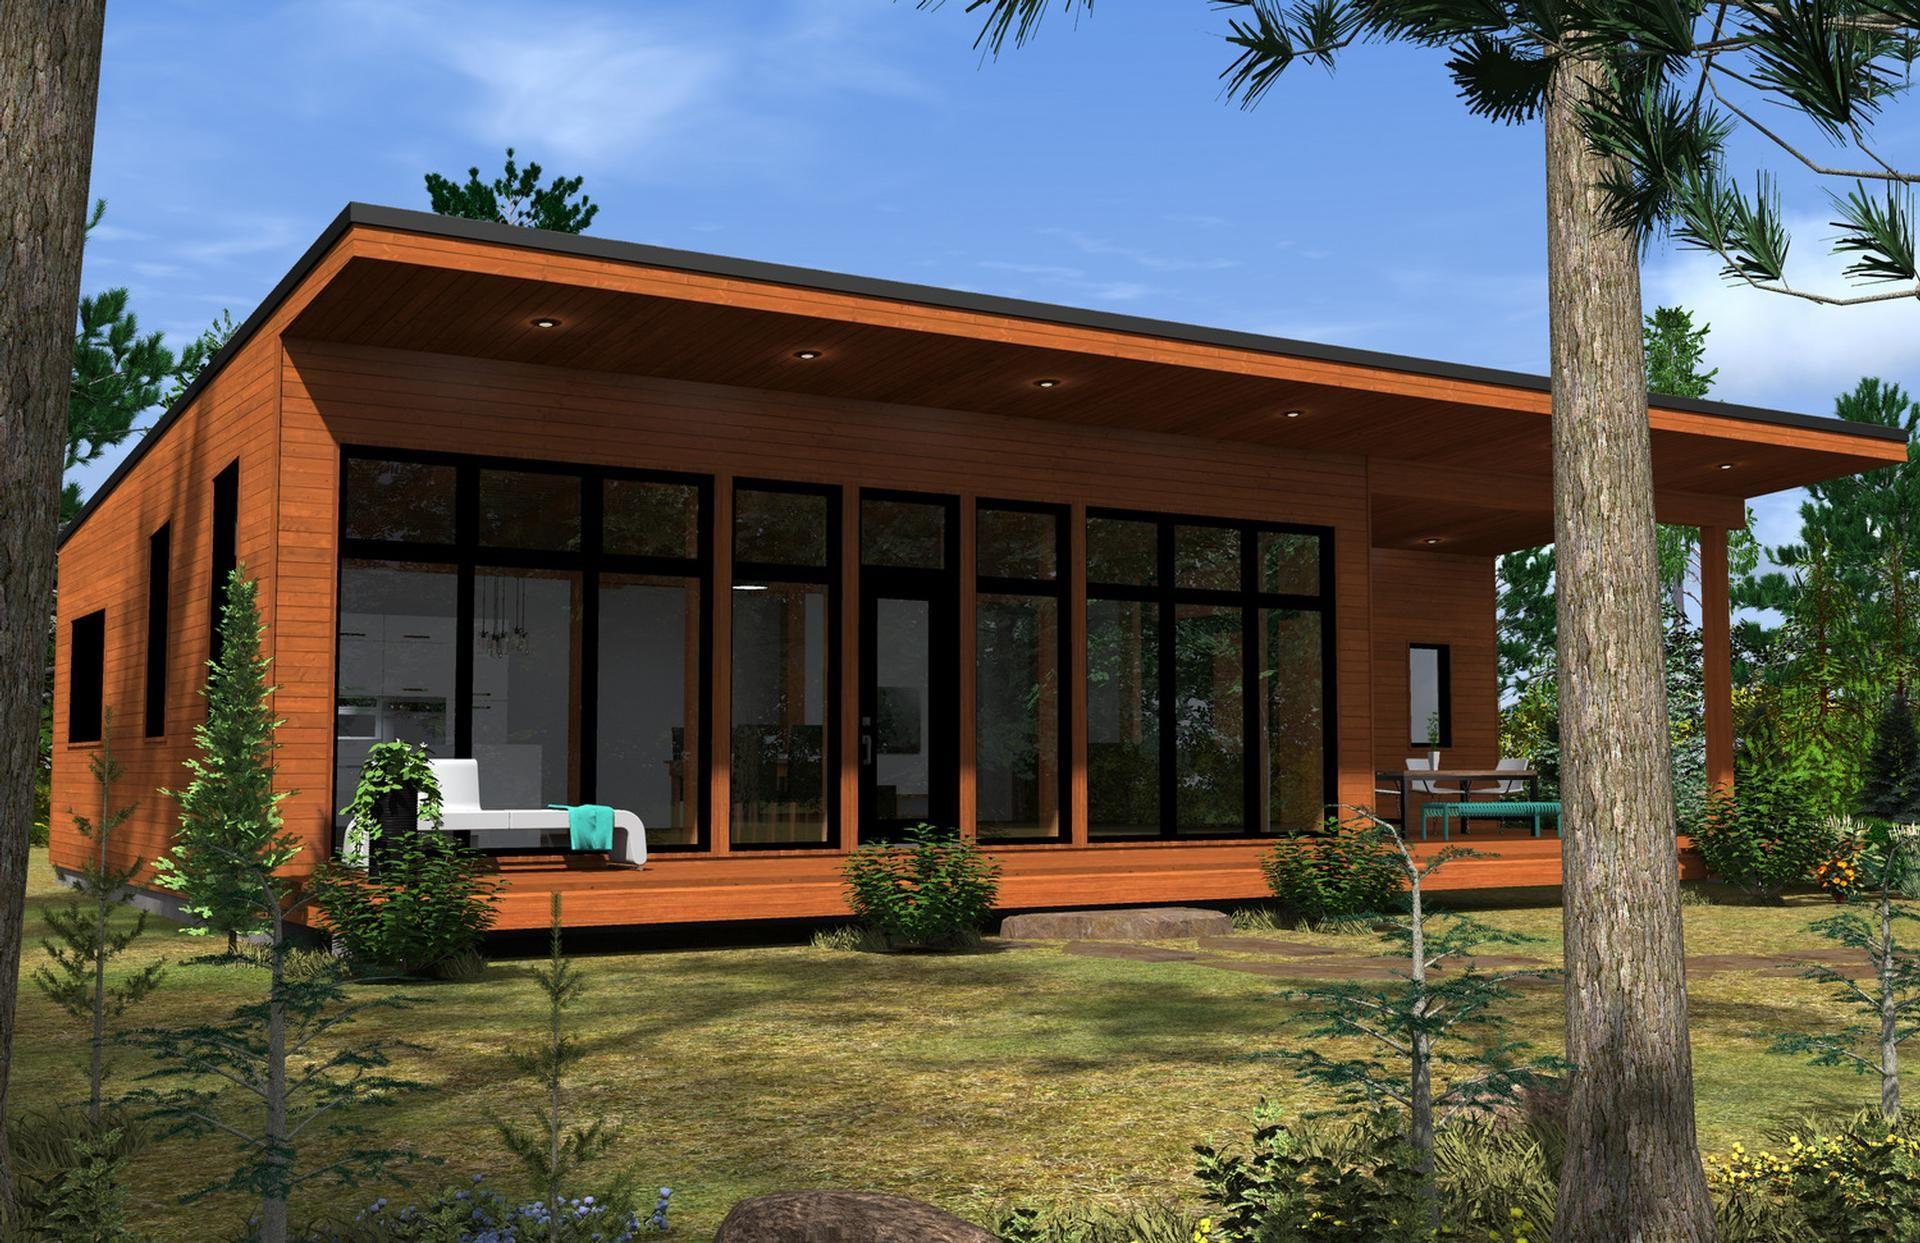 Kyo maison passive maison contemporaine de 1292 pieds carr s habitables sur dalle ou avec sous - Maison passive design ...